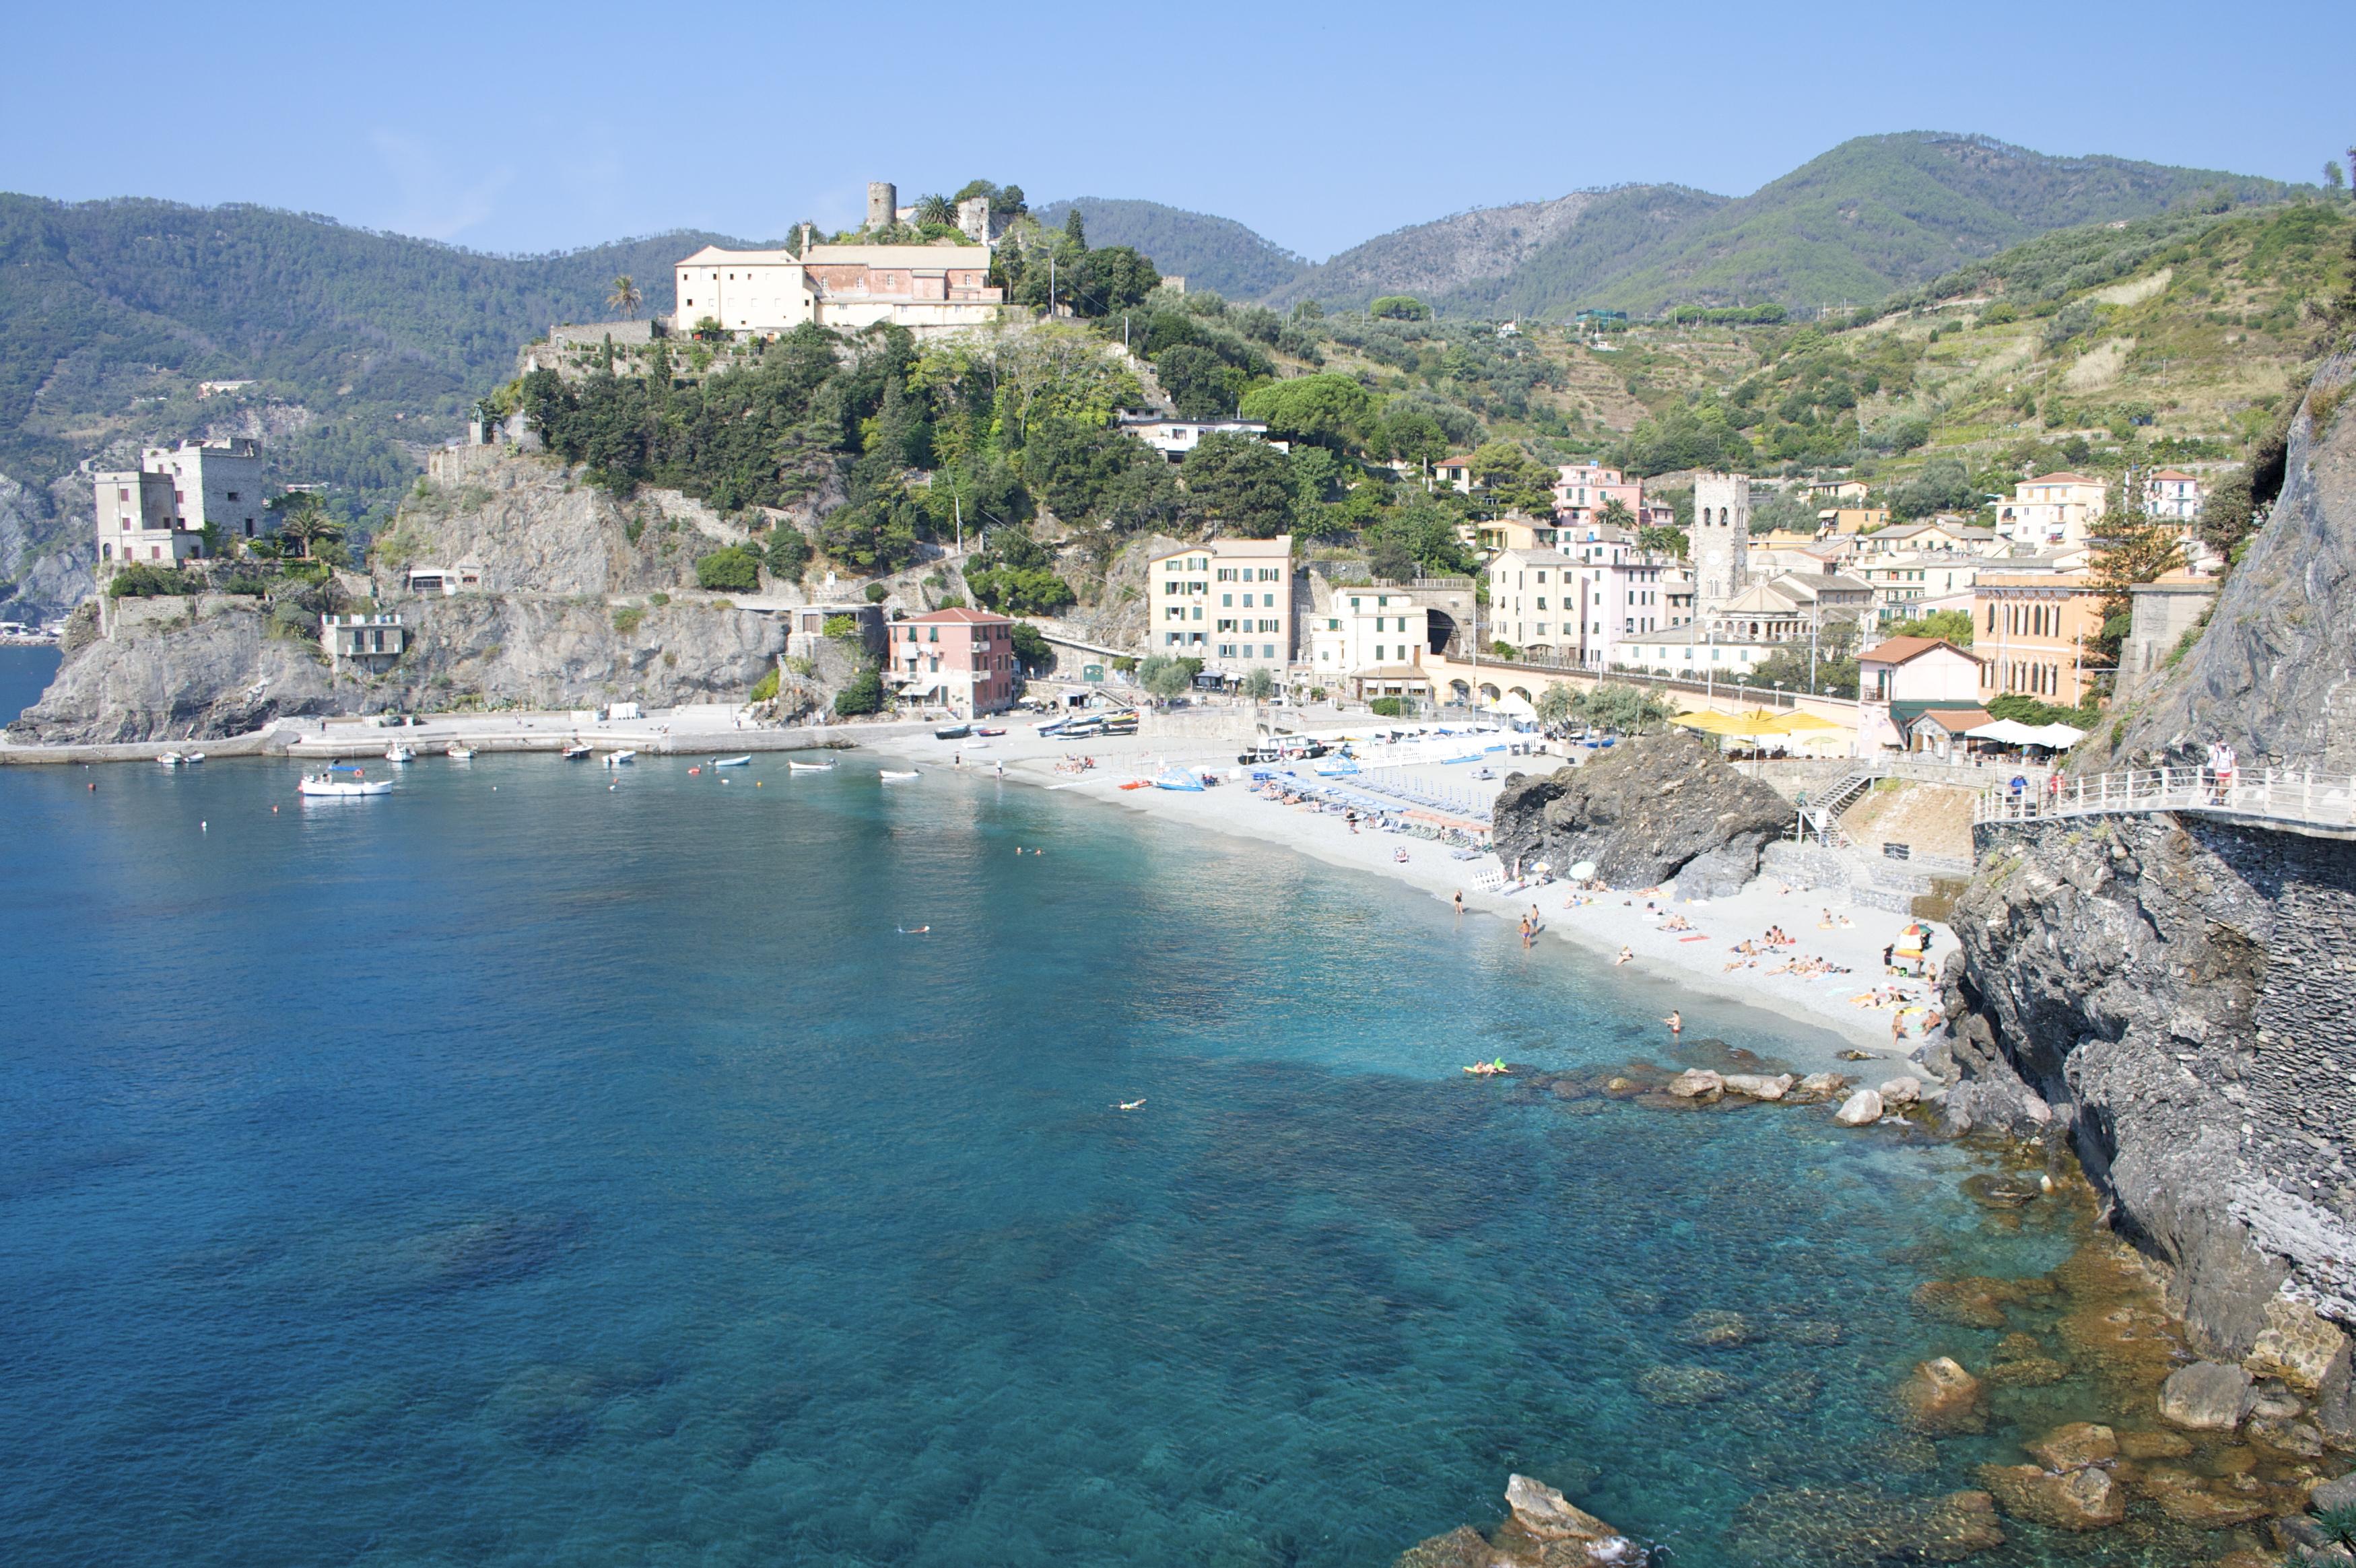 Spiagge sabbia bianca in Liguria